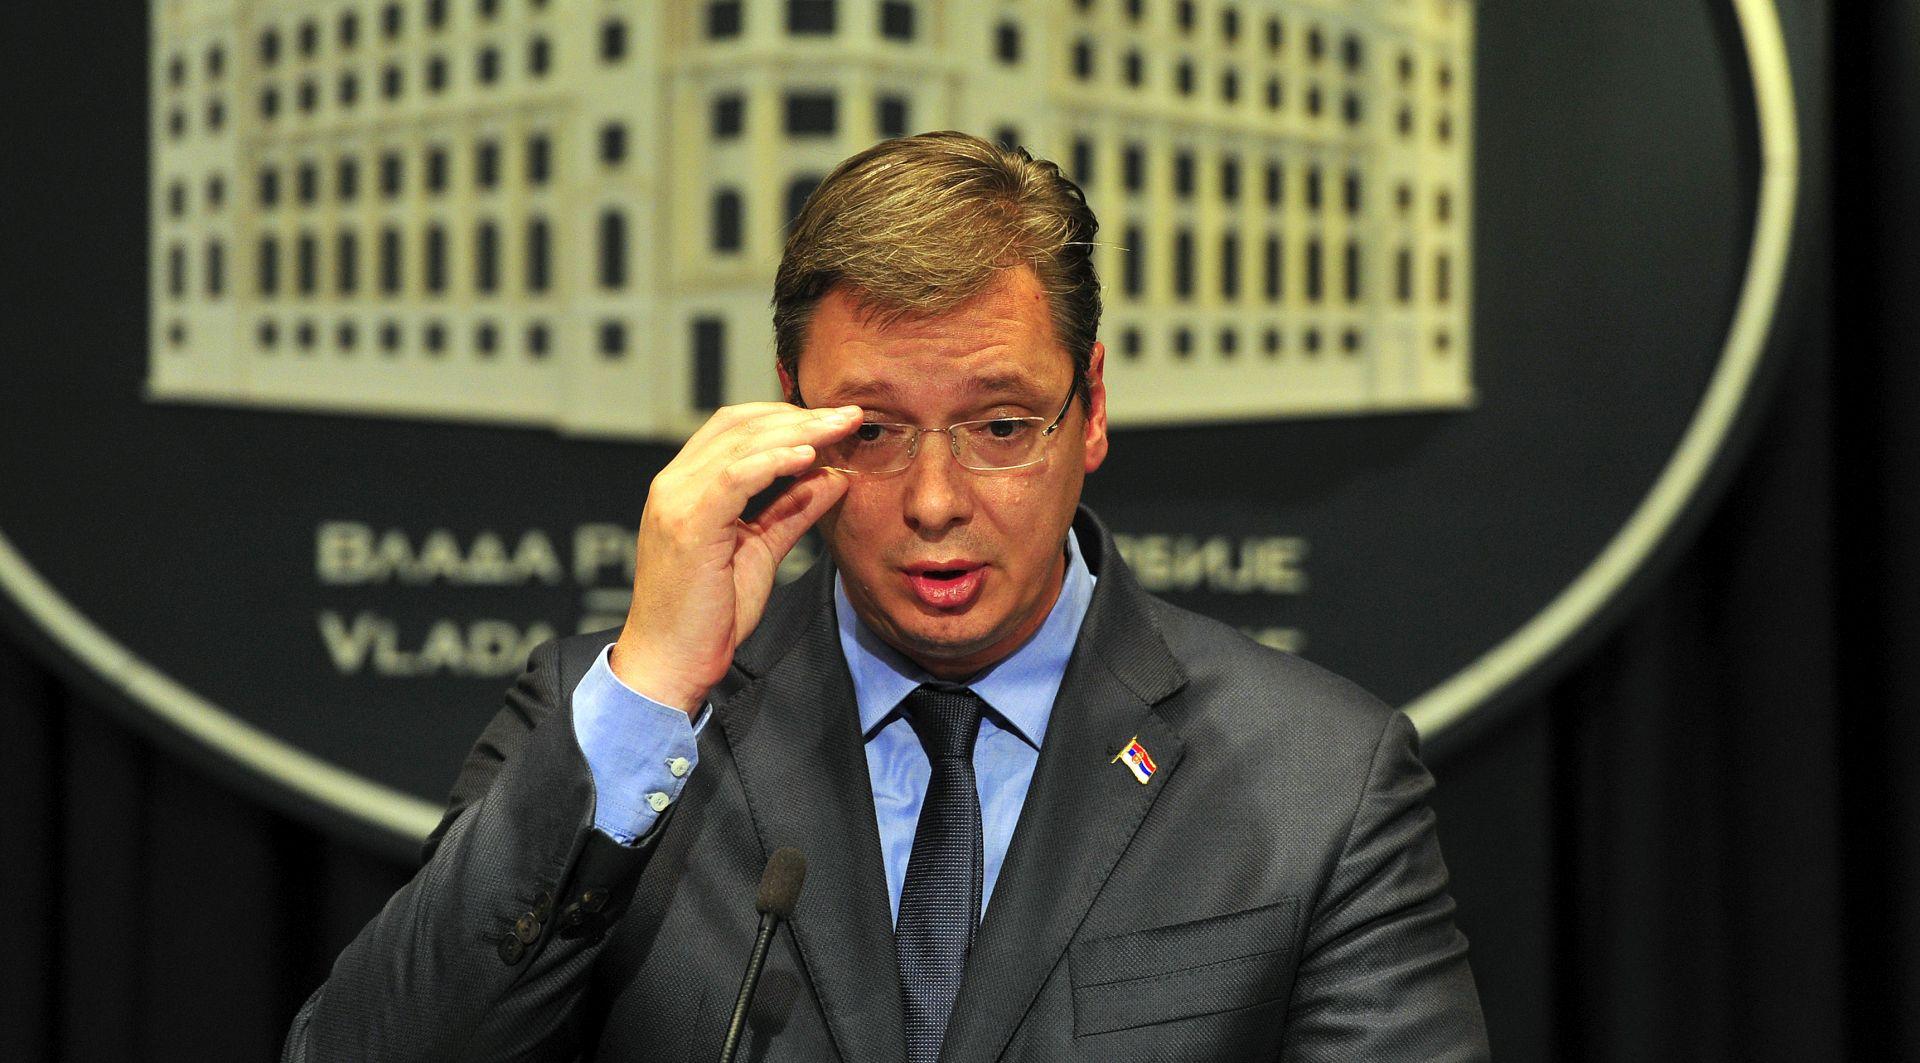 EKSTREMAN POTEZ: Za Beograd neprihvatljivo formiranje zajednice albanskih općina na jugu Srbije